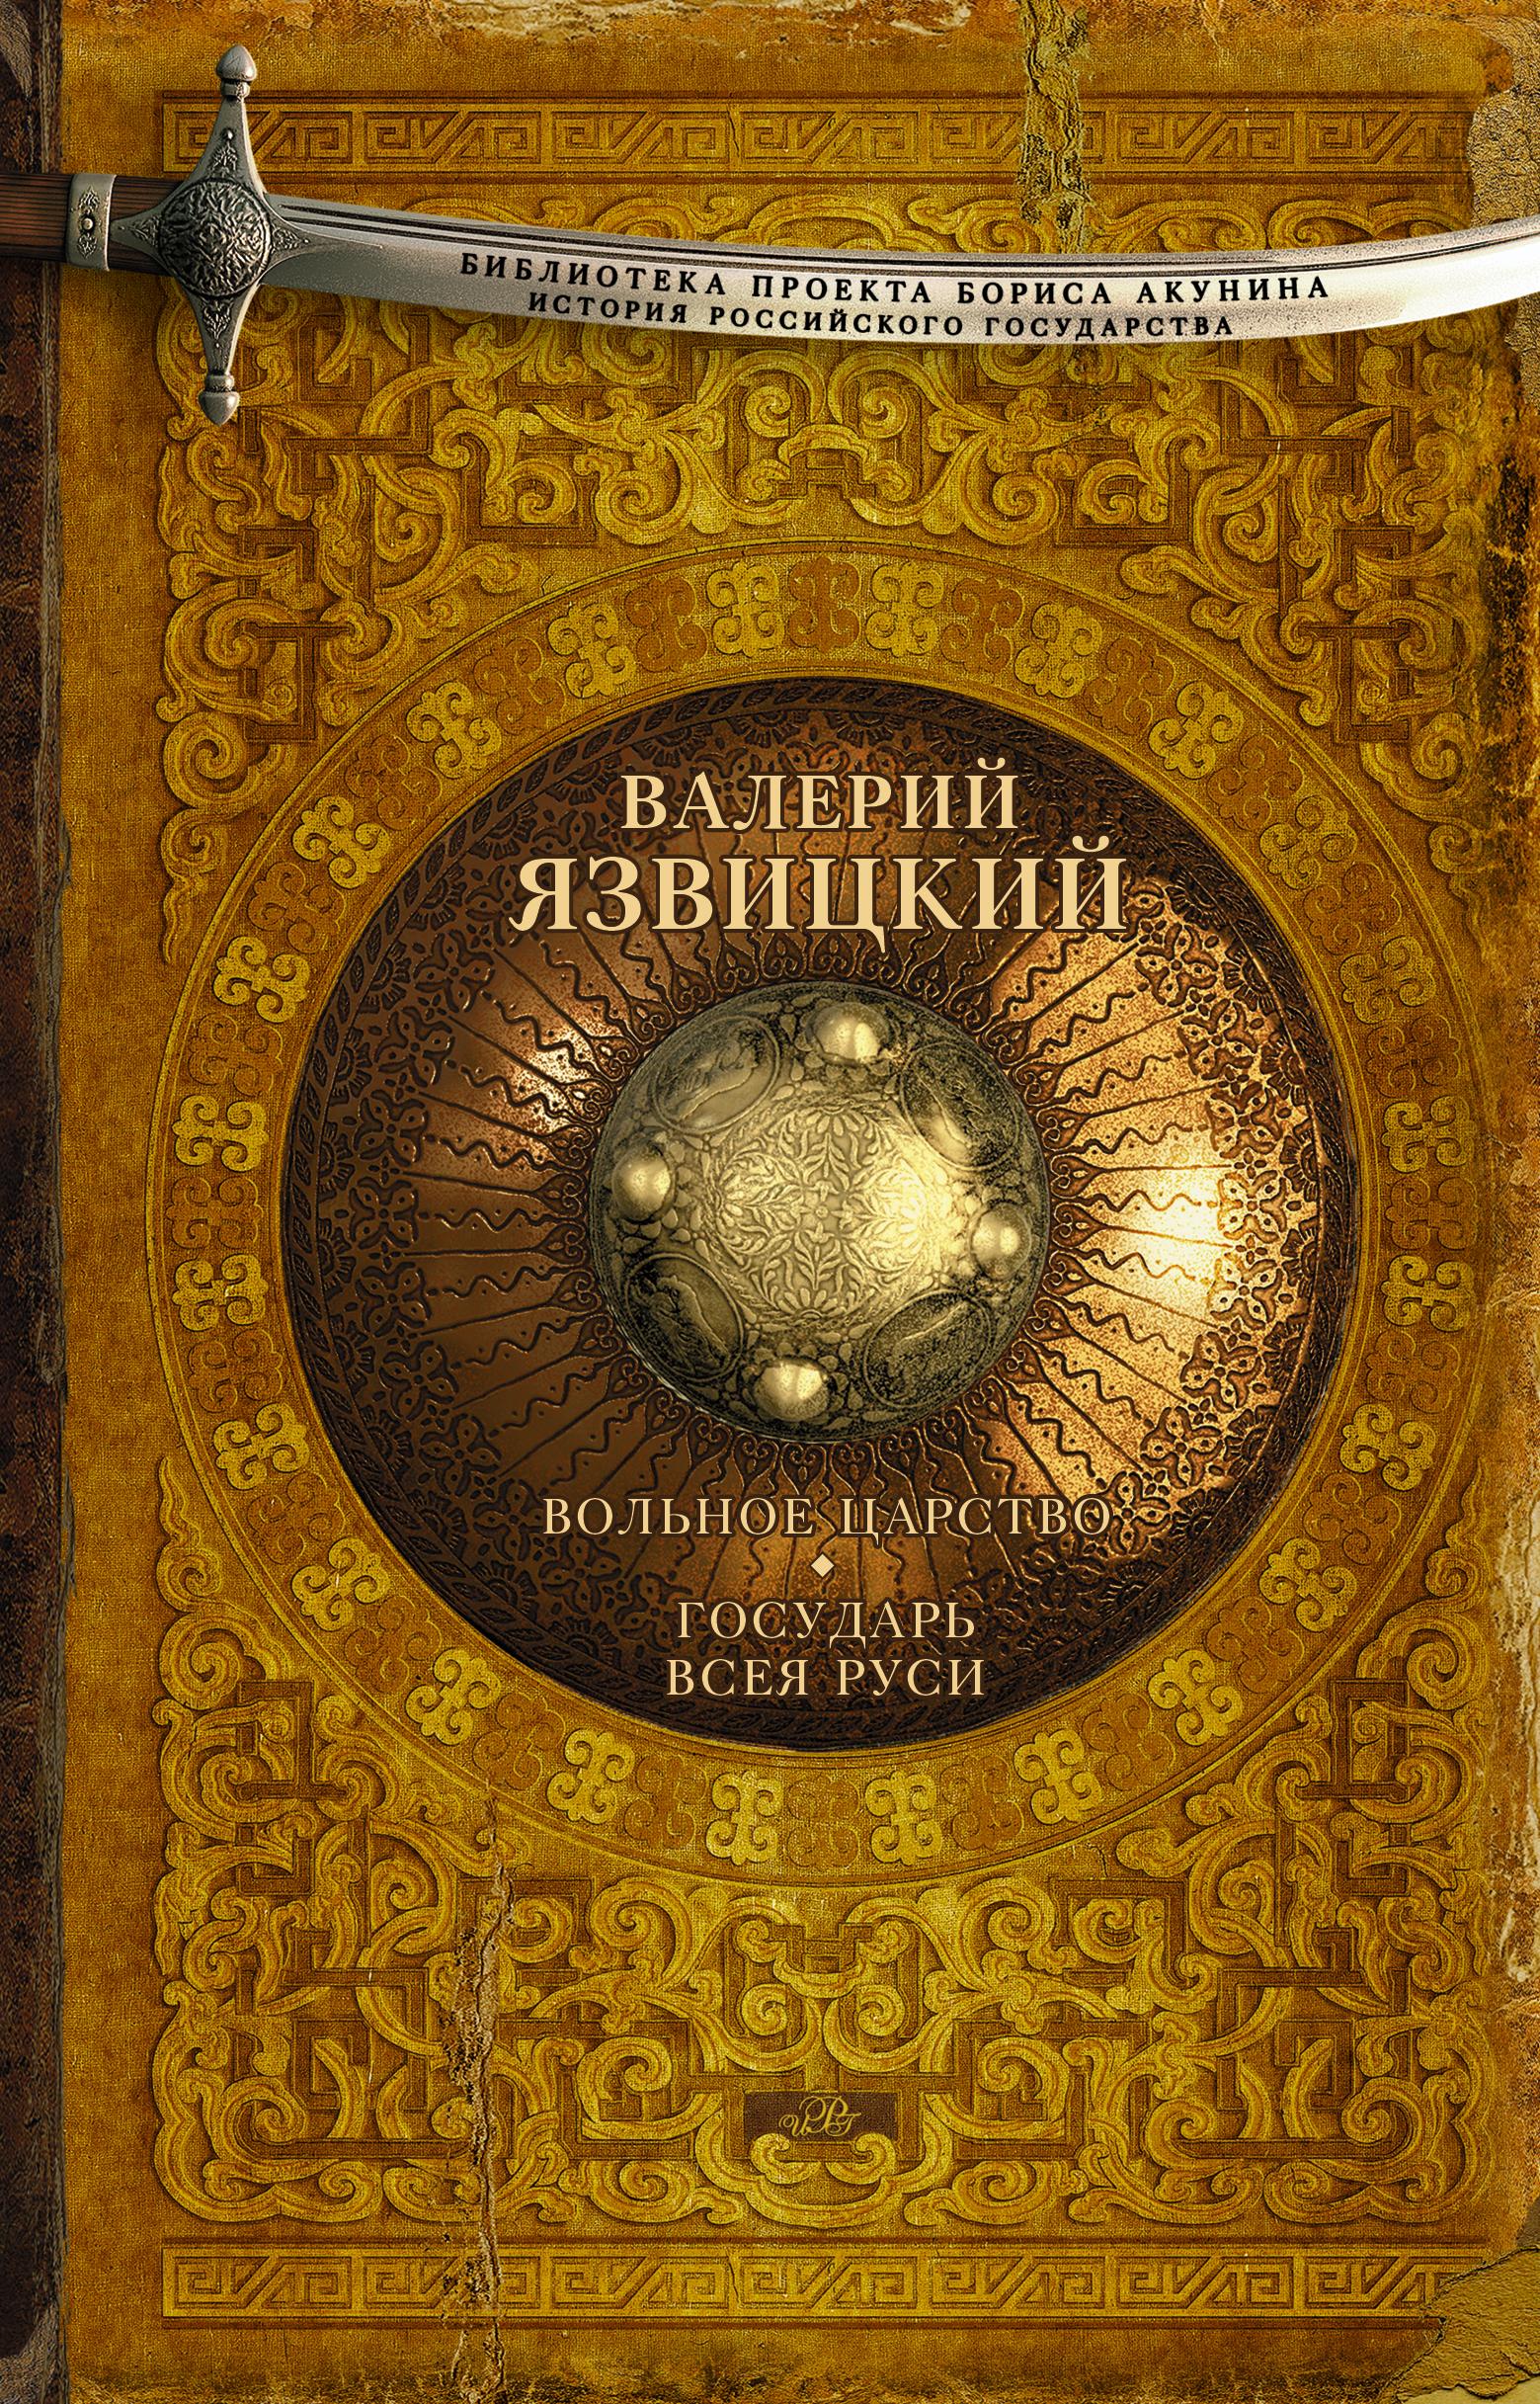 Купить Вольное царство. Государь всея Руси, Валерий Язвицкий, 978-5-17-092743-2